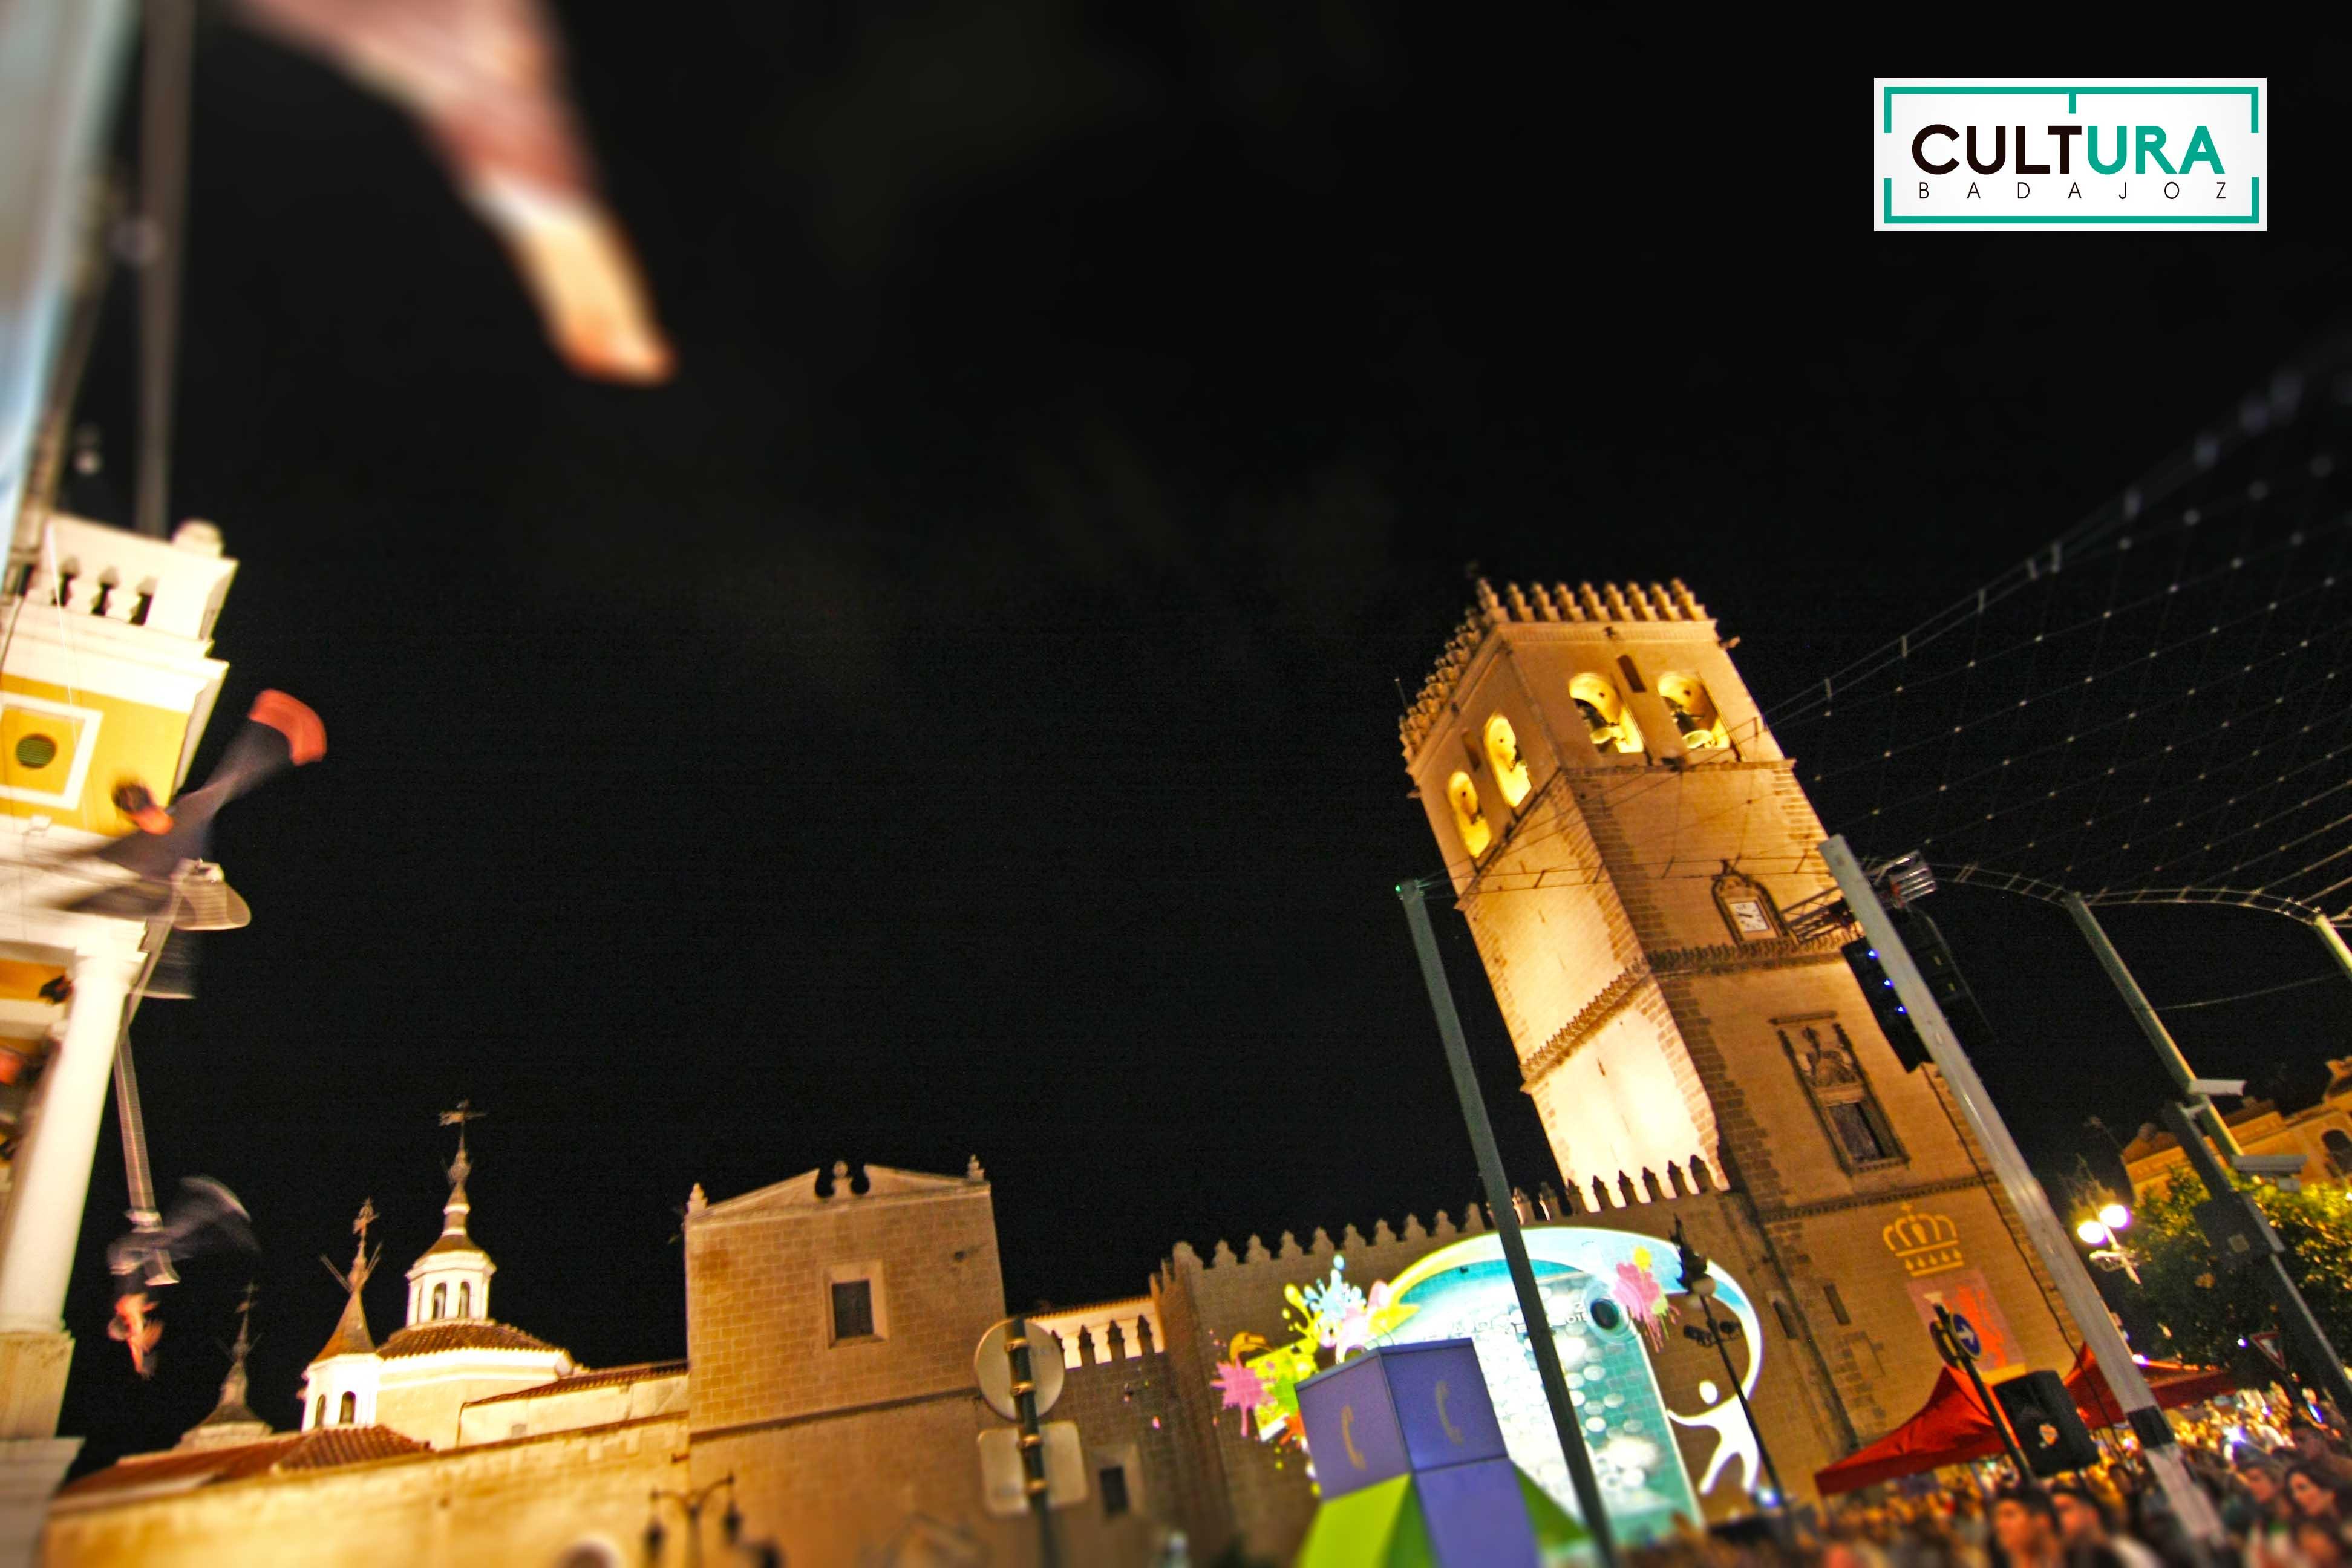 noche-blanco-2-culturabadajoz